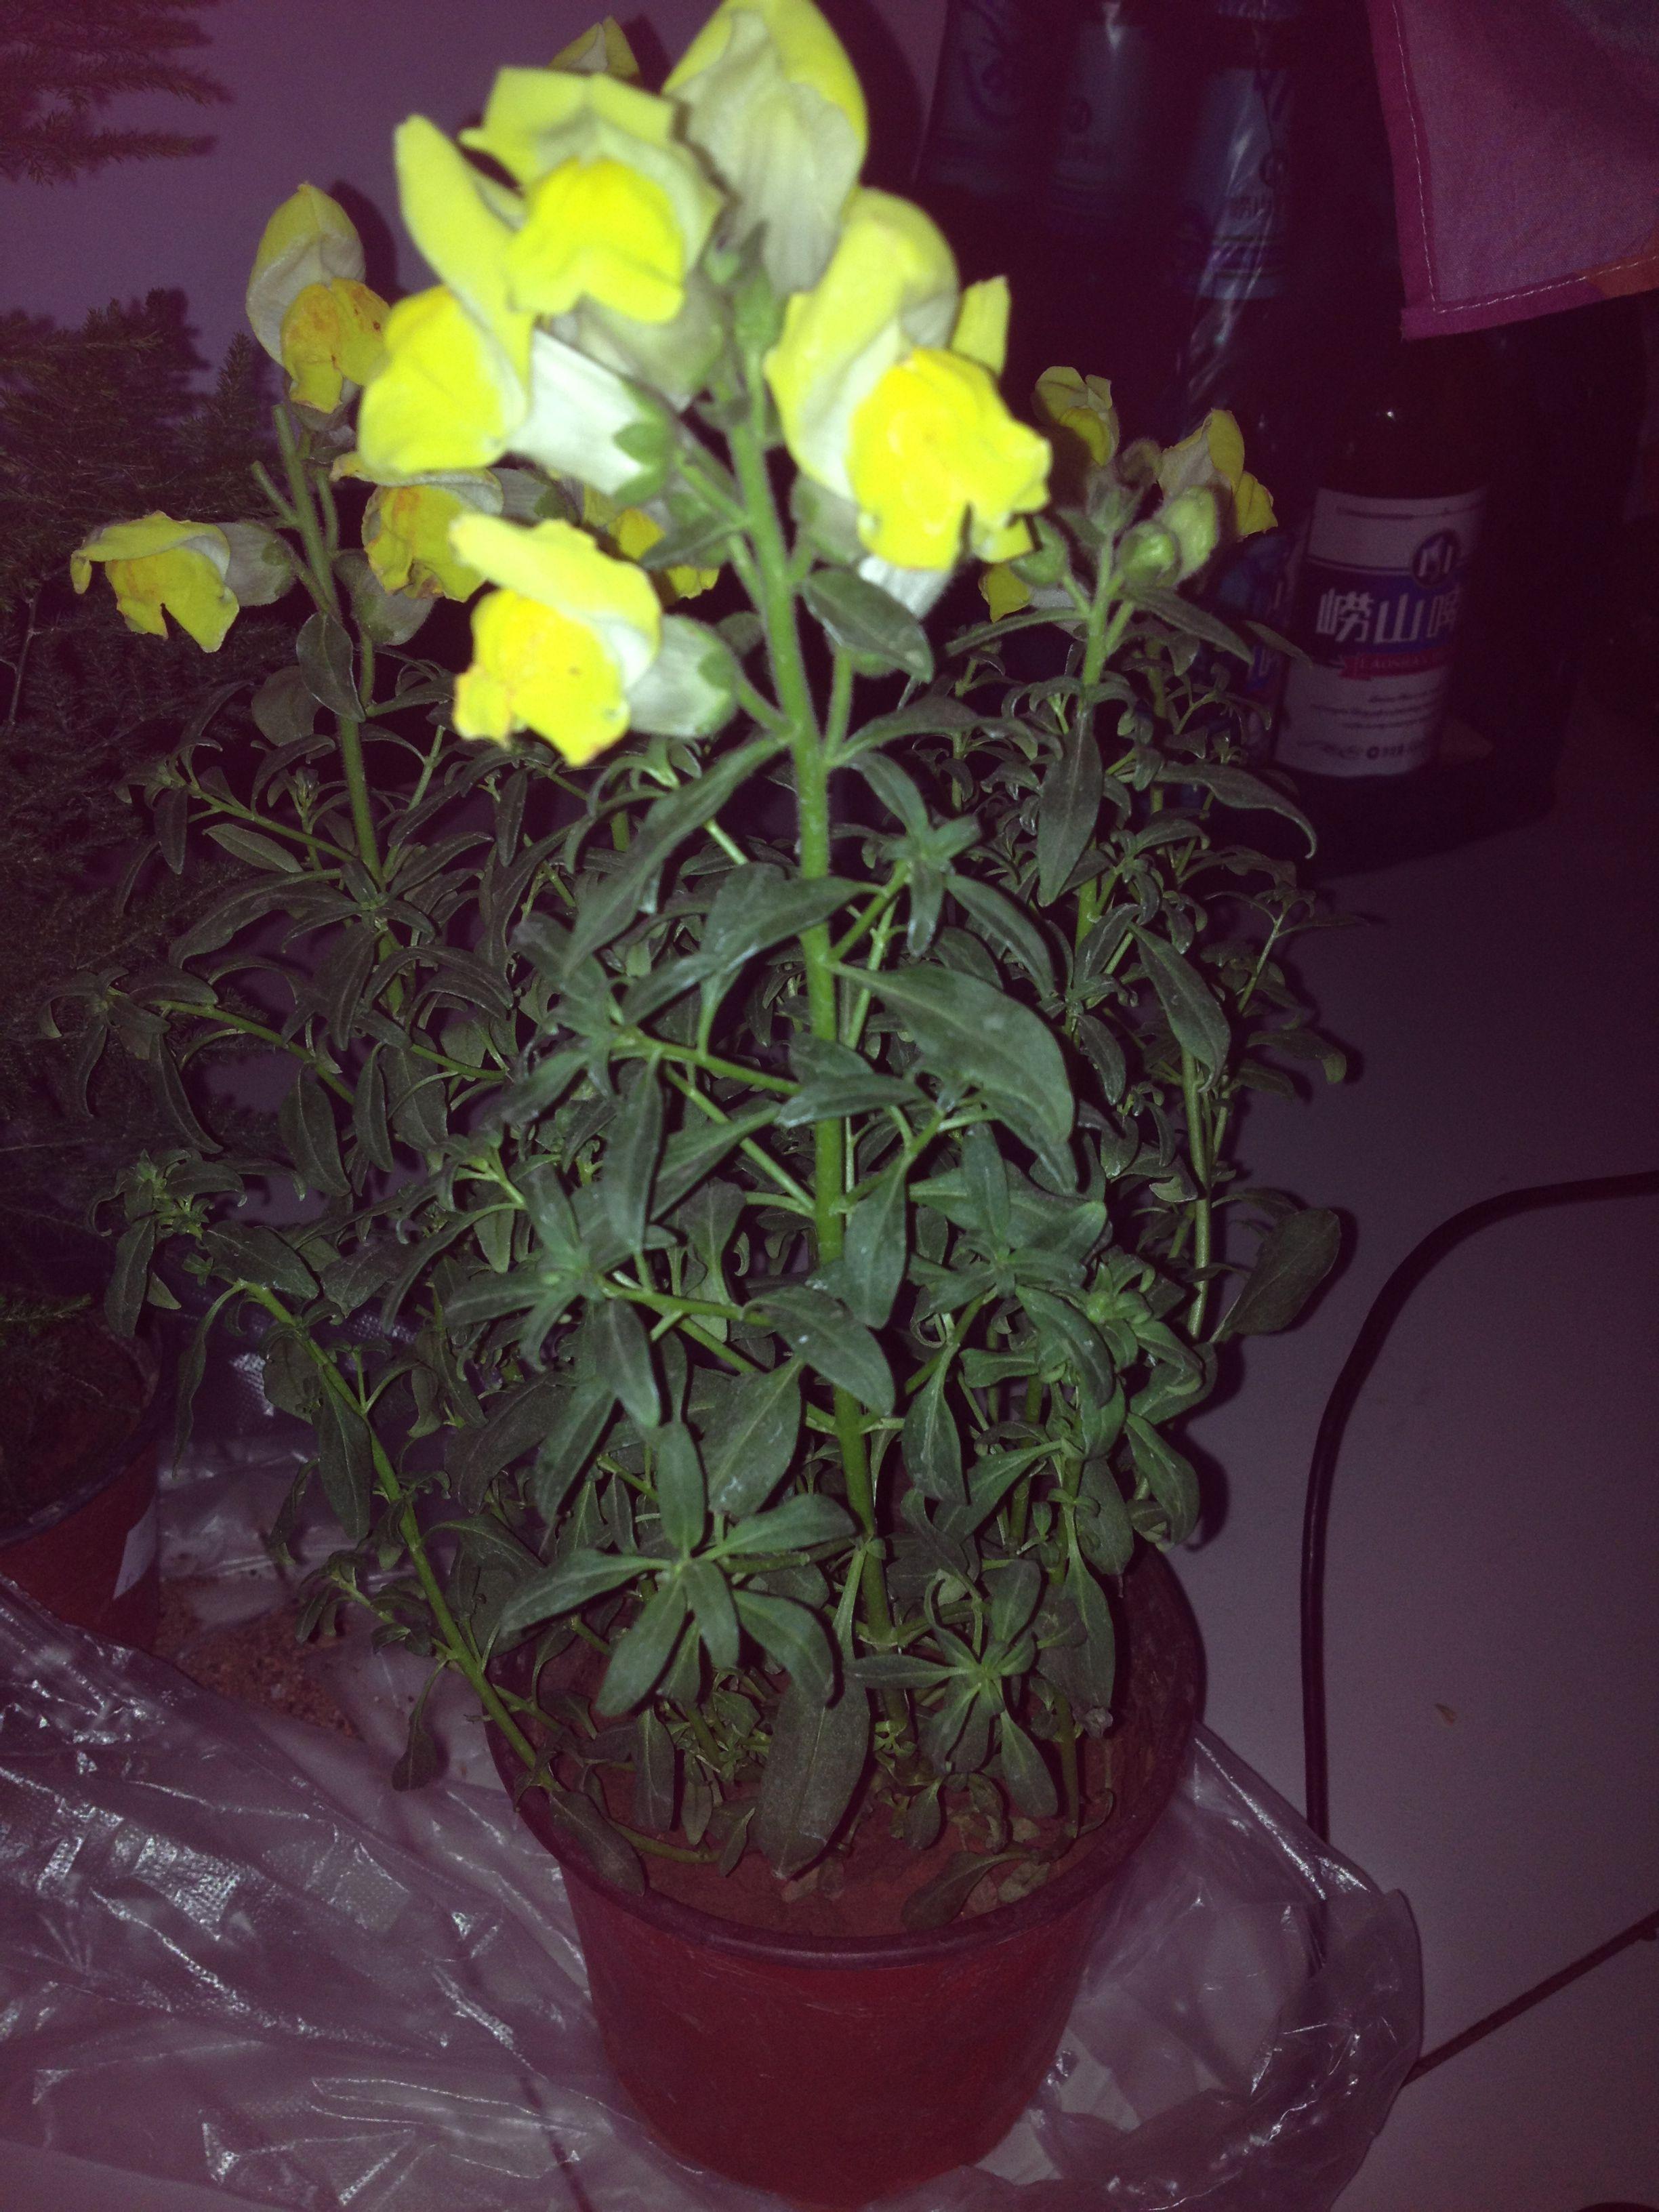 花铃铛_花像铃铛的是什么植物